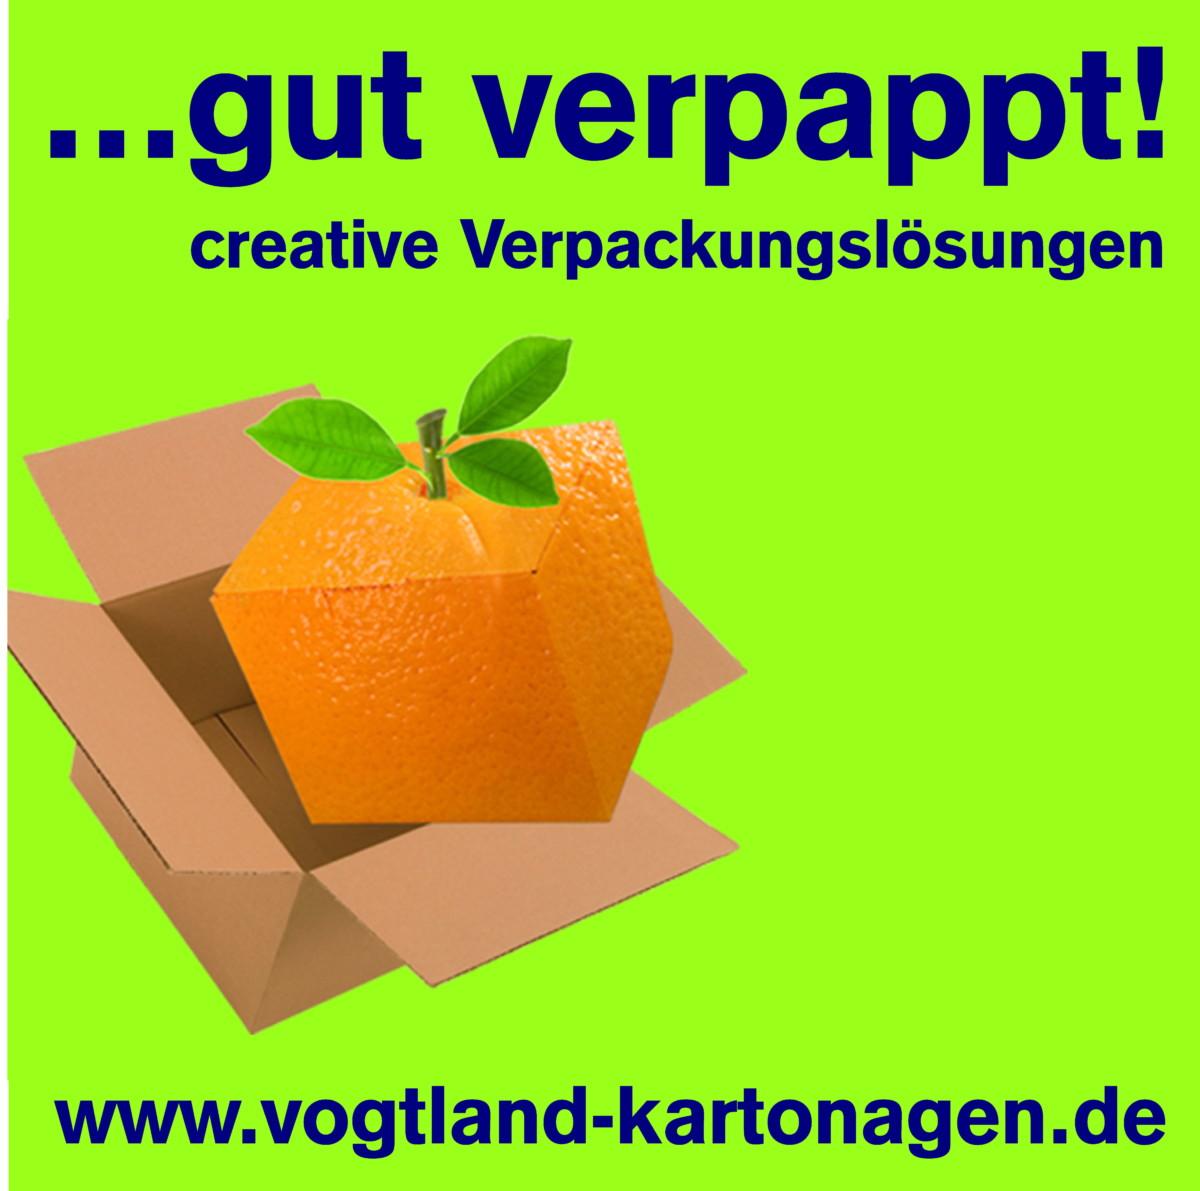 Vogtland-Kartonagen GmbH